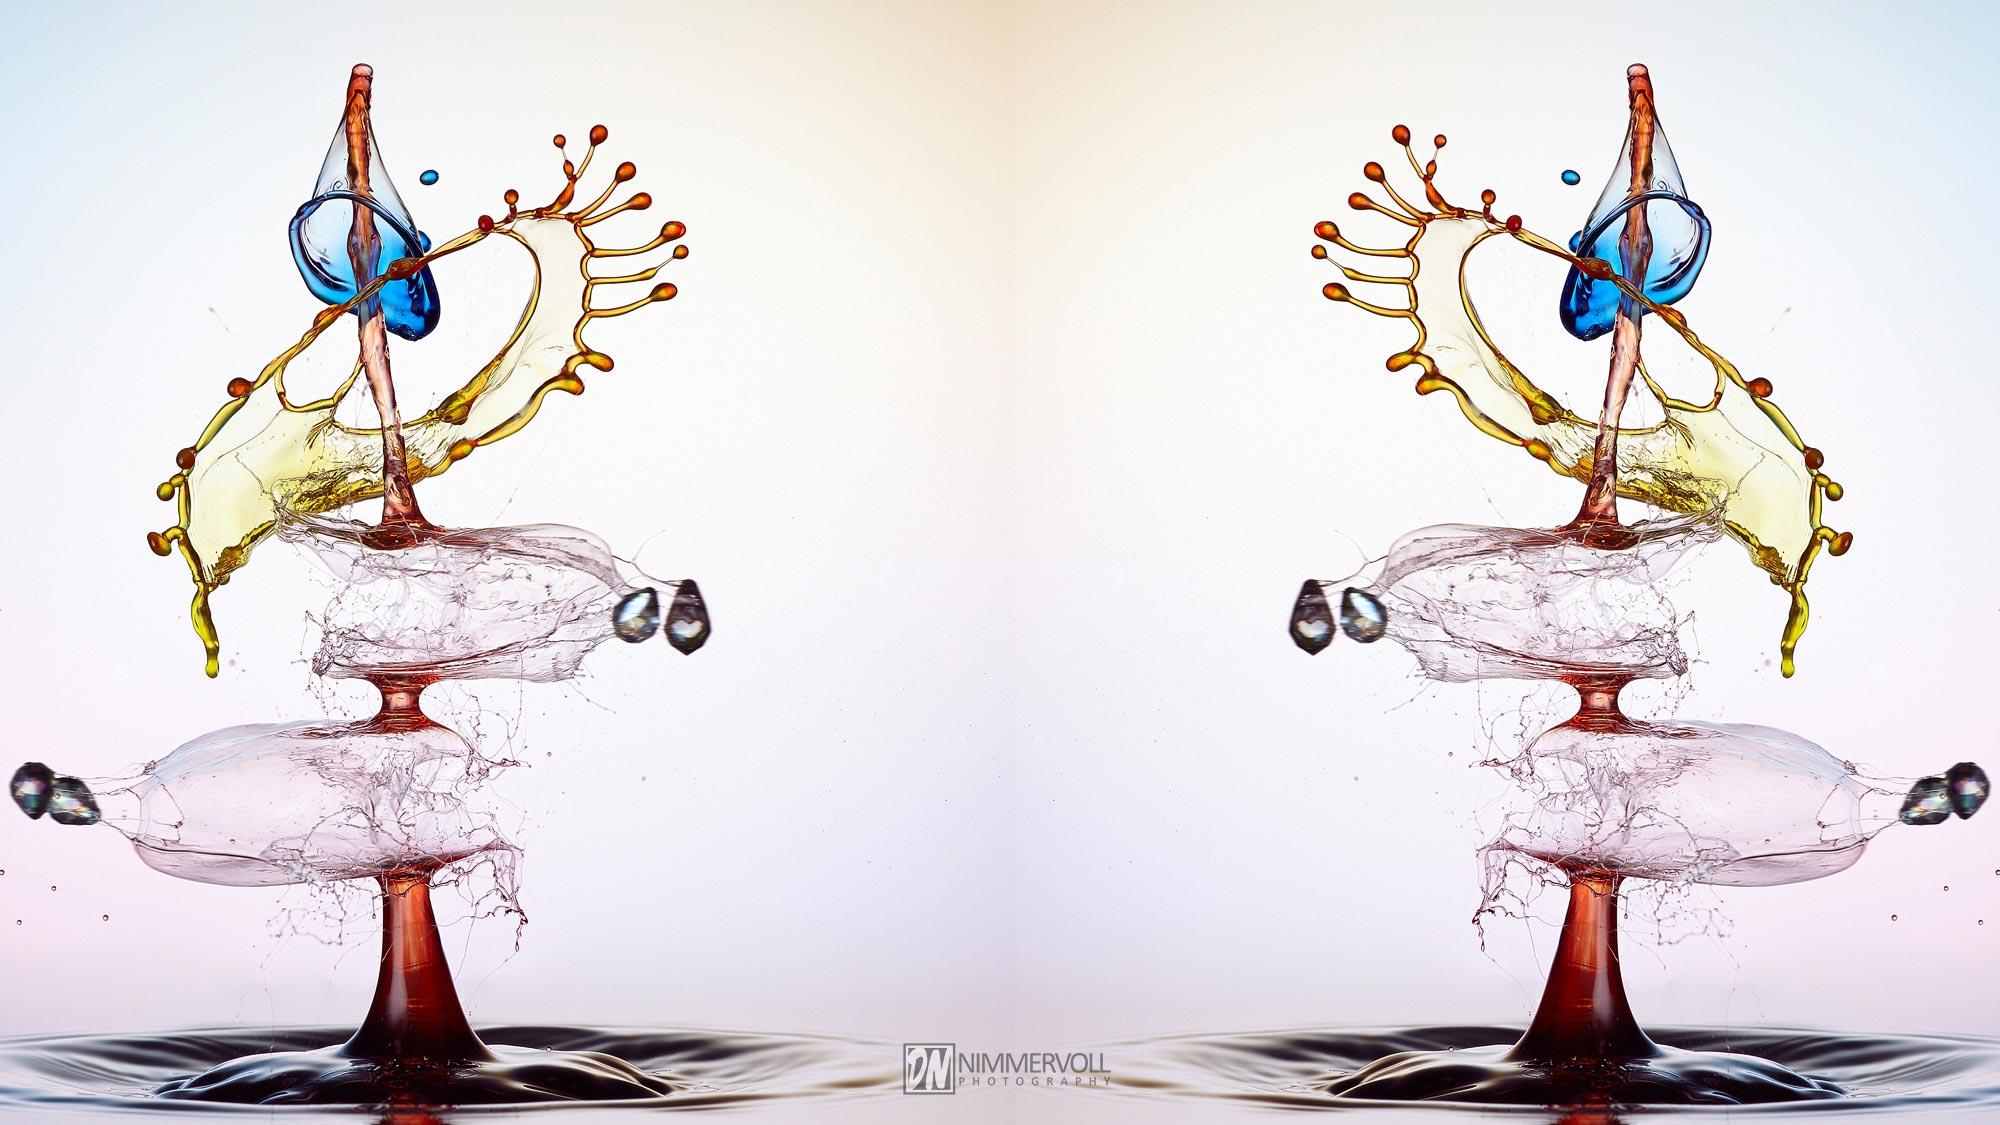 Highspeed Fotografie - Liquid Art Wassertropfen - Nimmervoll background image